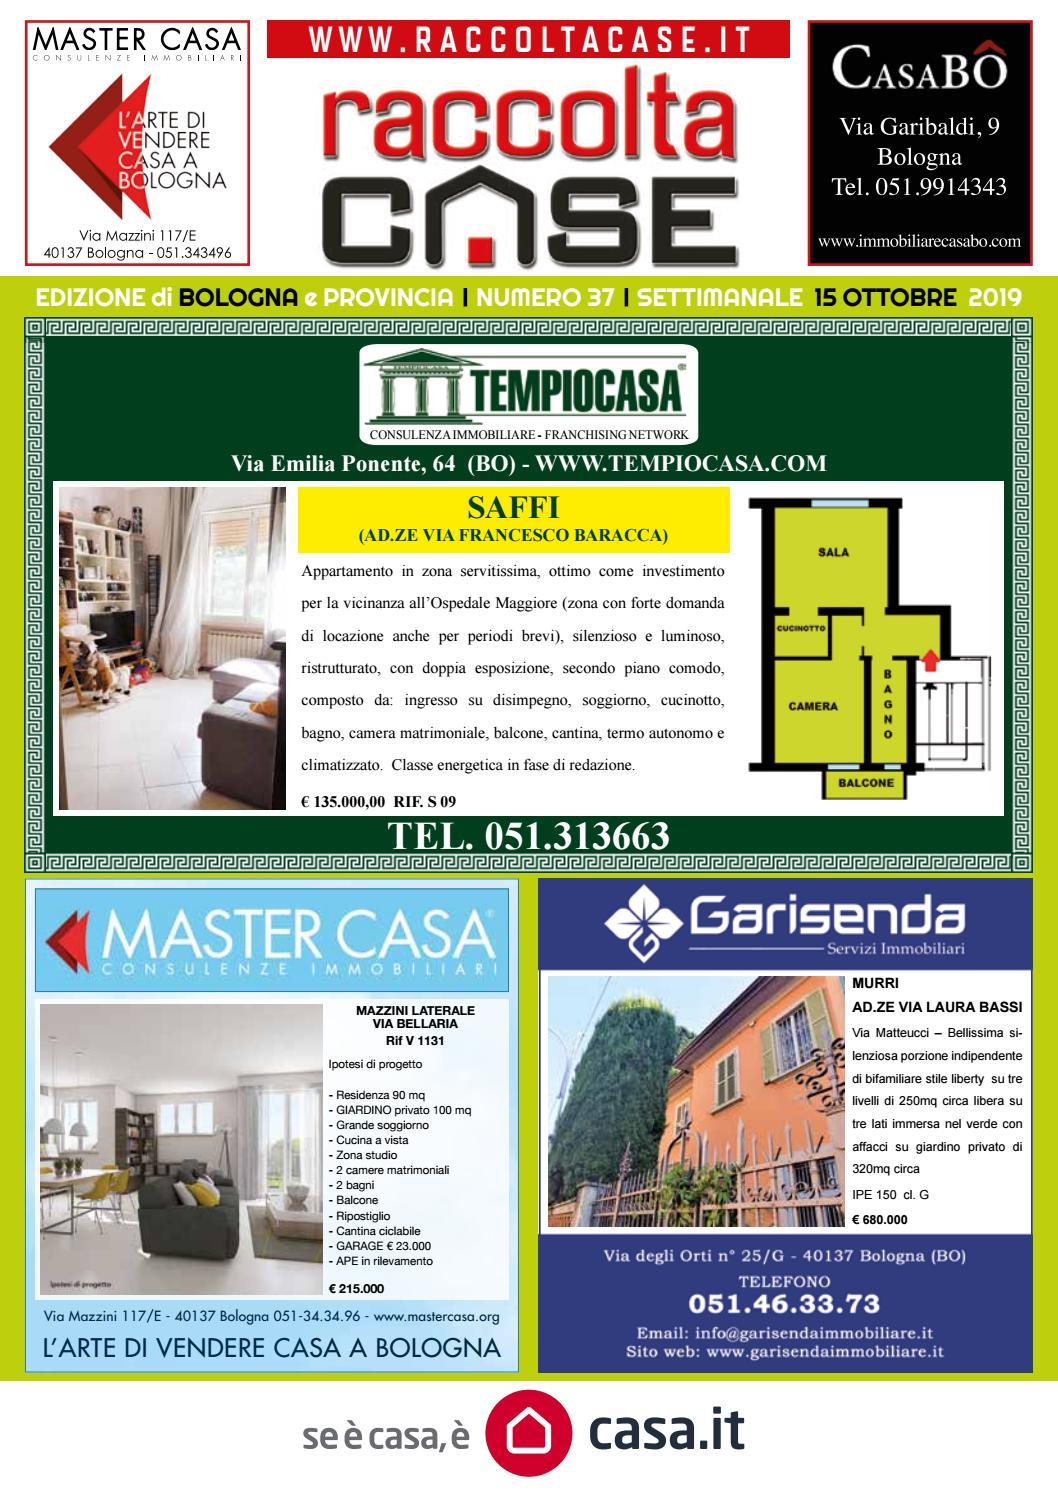 Spazio Vitale Studio Immobiliare raccoltacase bologna 37 - 2019 by publidok s.r.l. - issuu